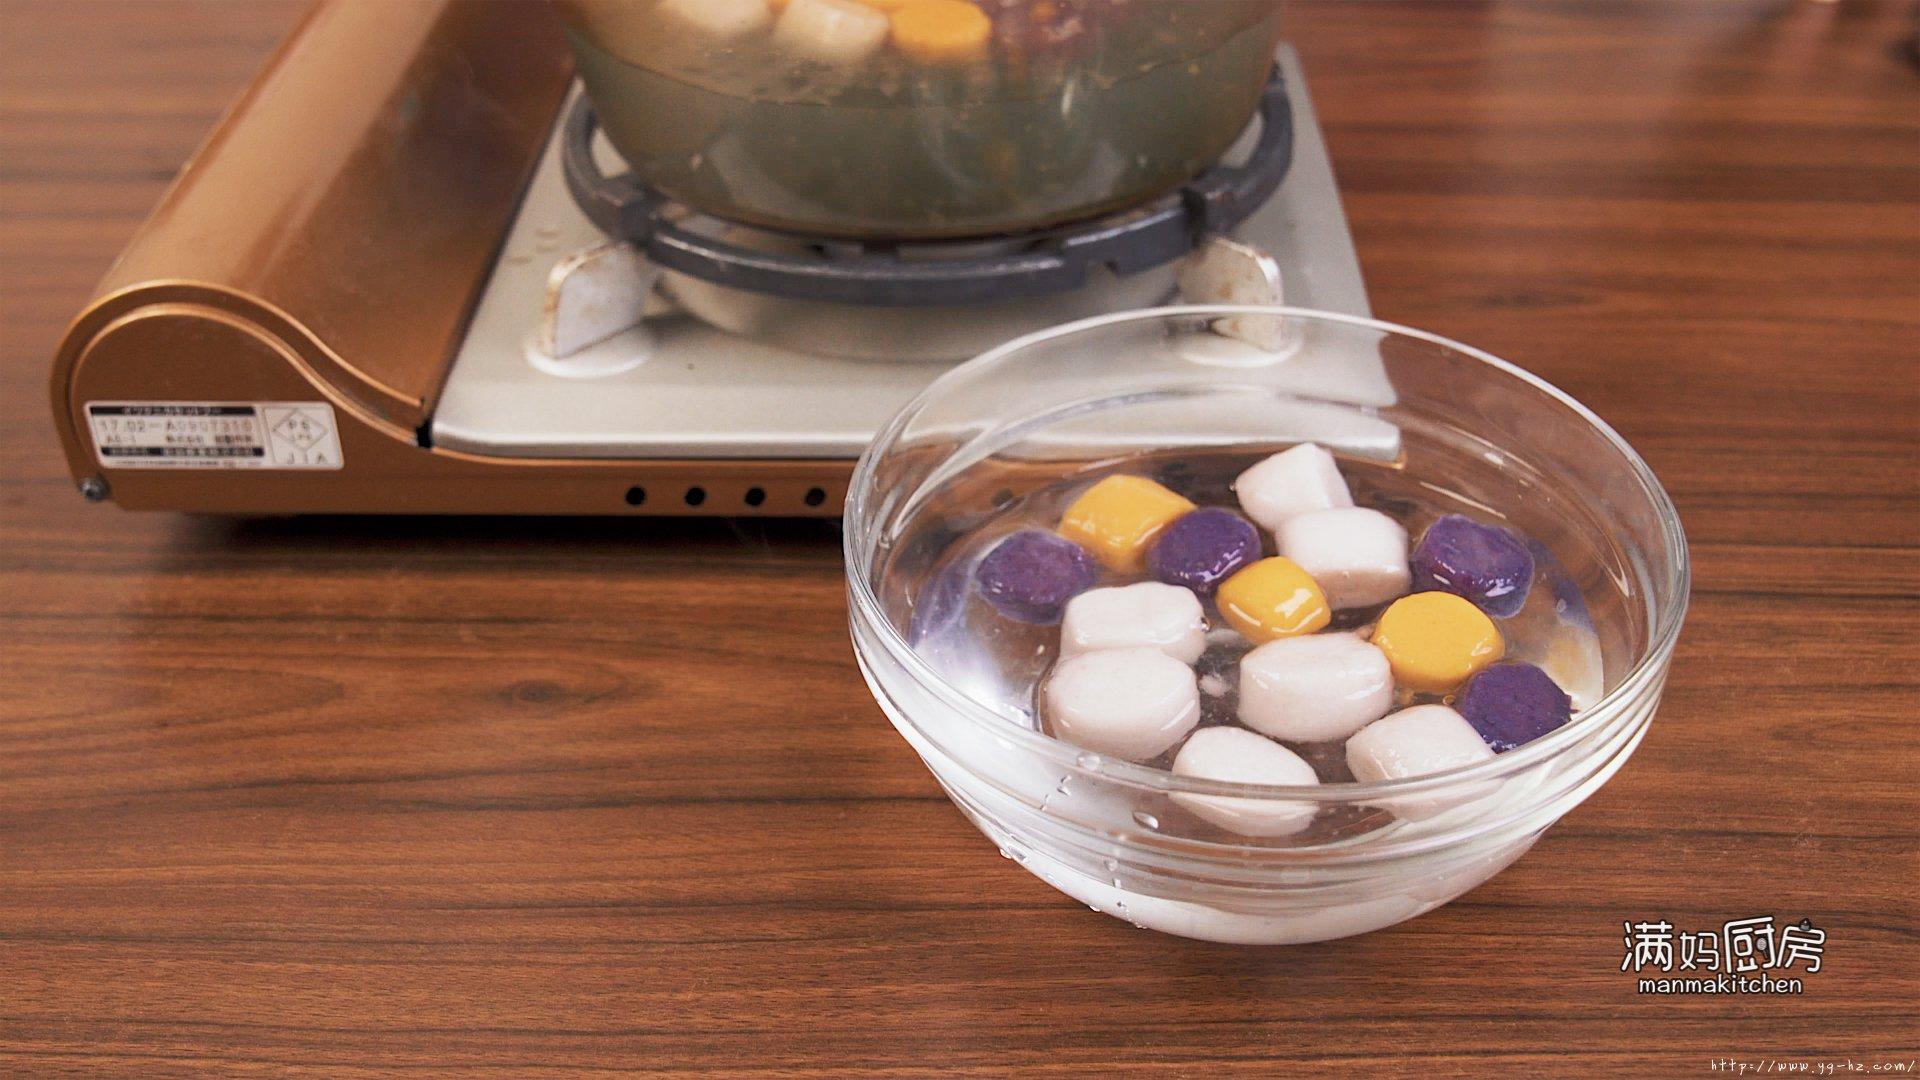 三色芋圆 在家就能做鲜芋仙 干嘛还要出去买的做法 步骤8